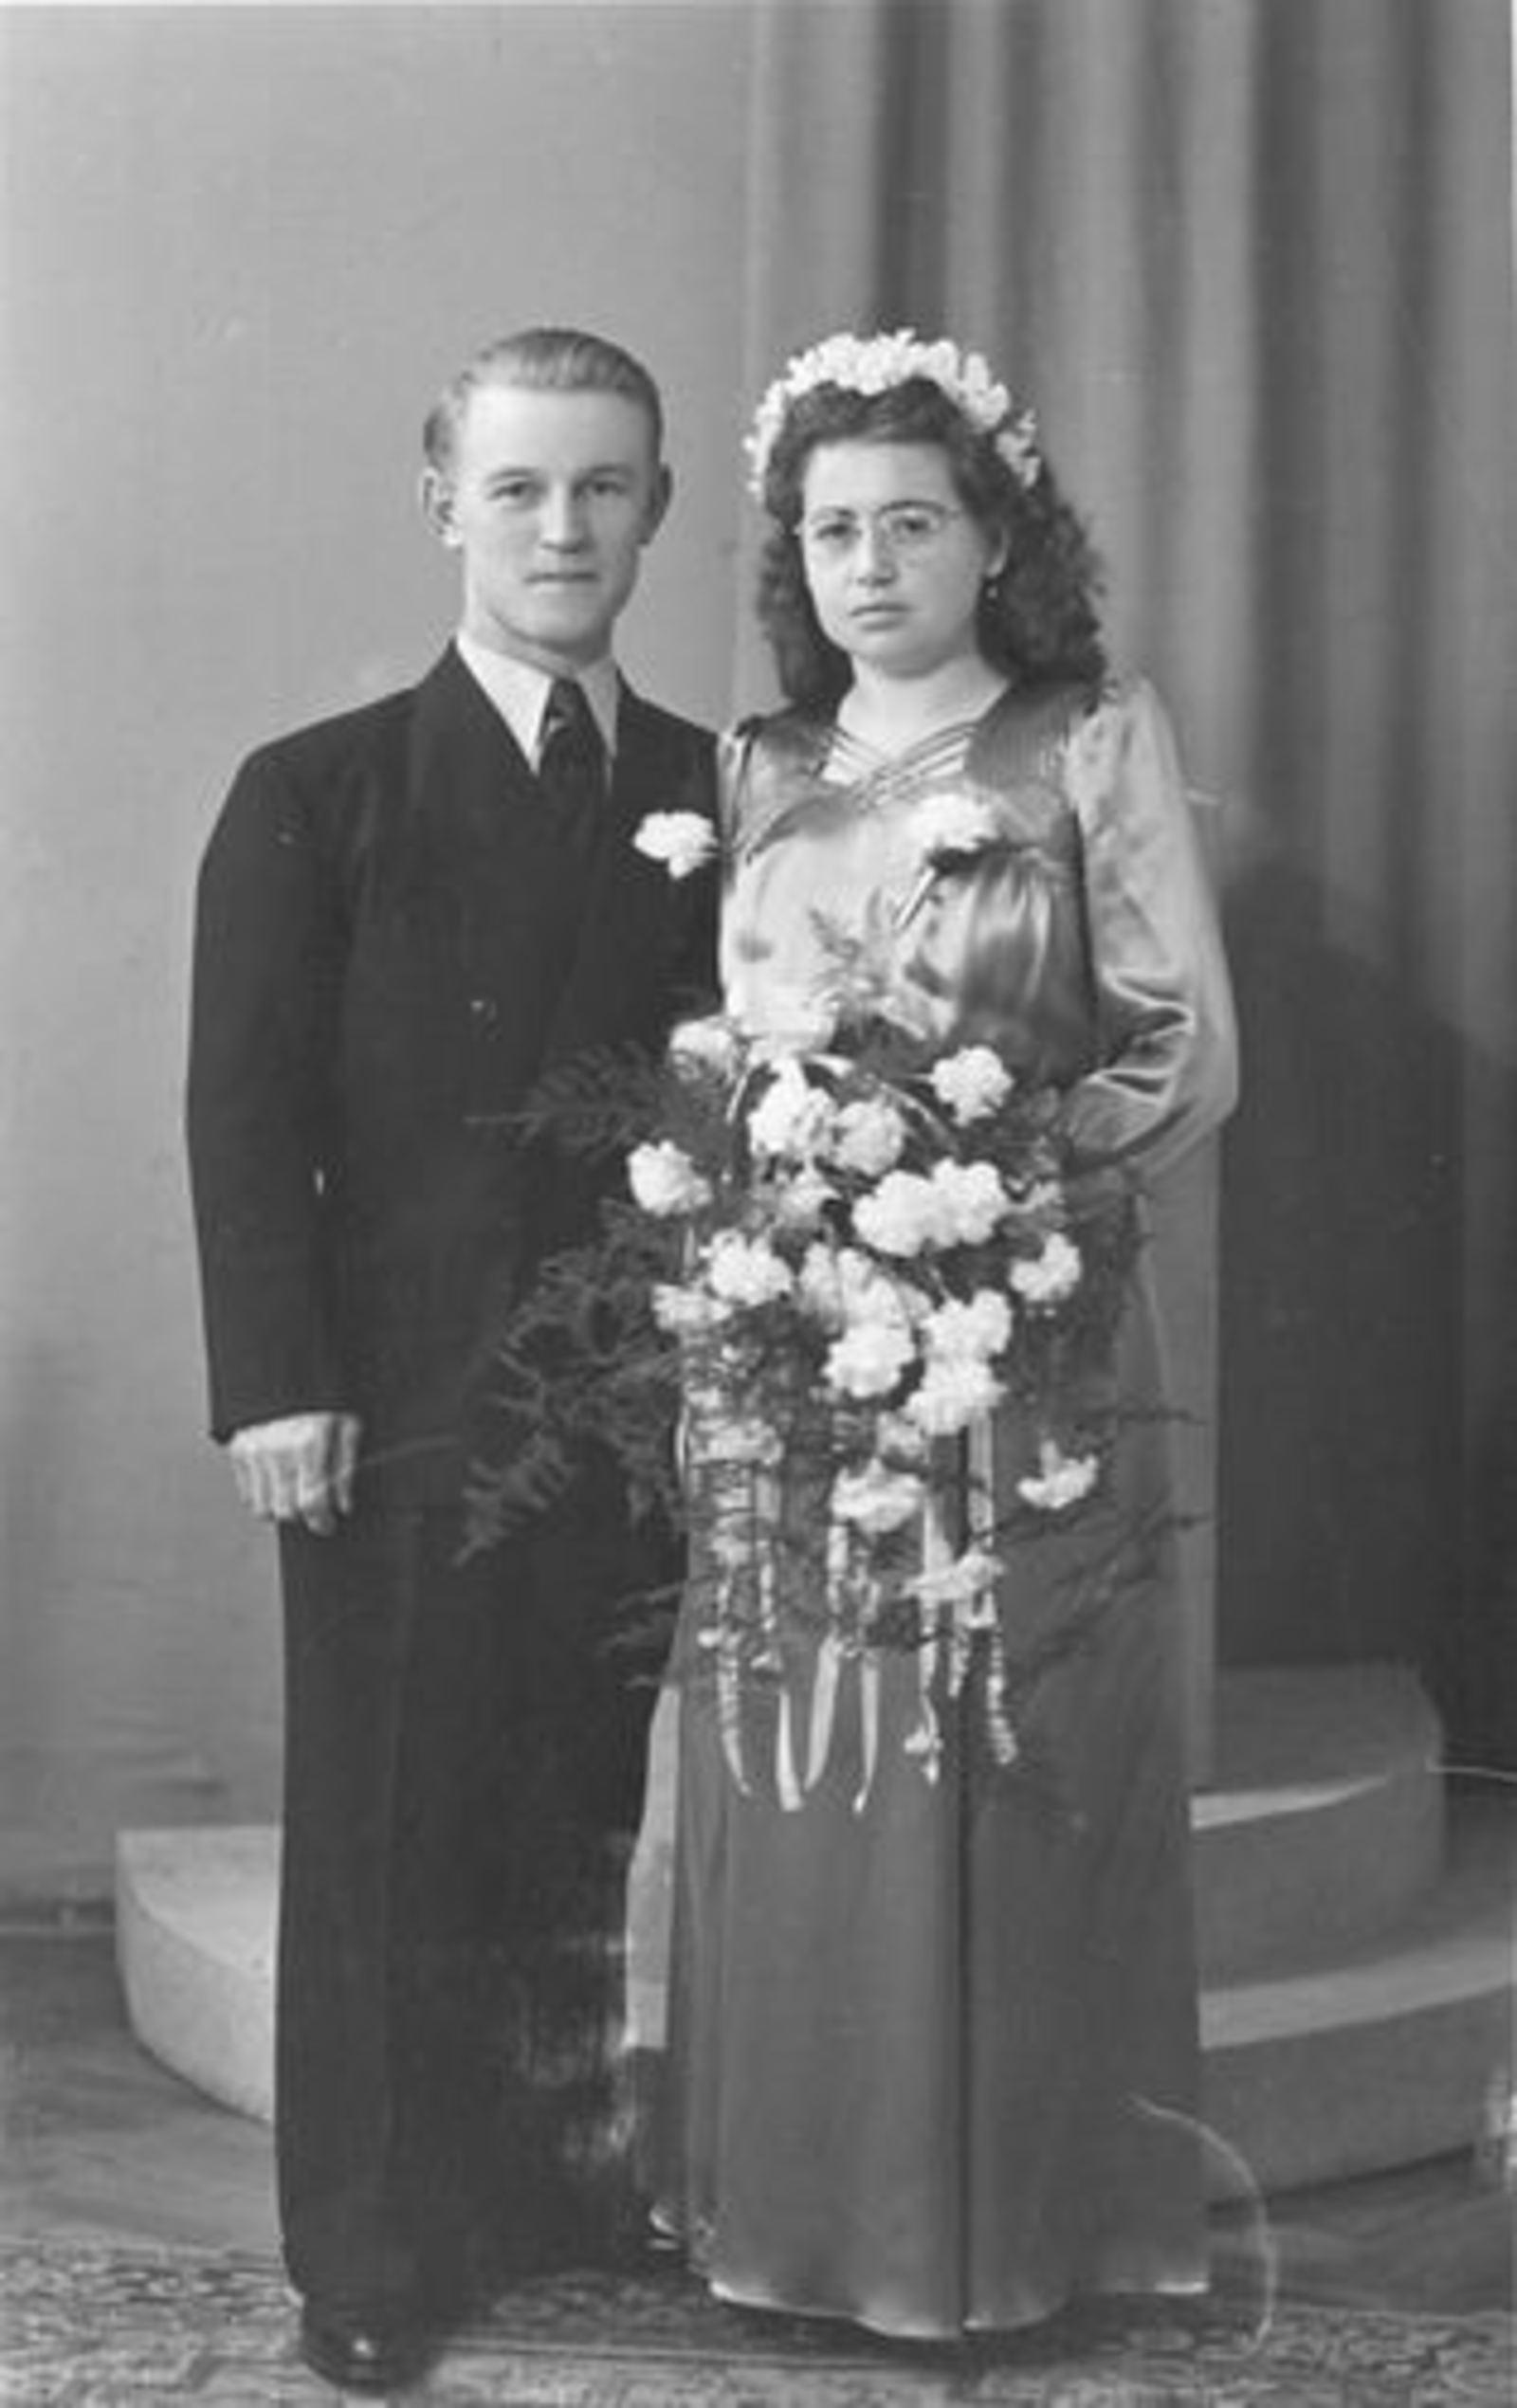 Bliek Gerrit 1917 1949 trouwt Geertje Rozeman